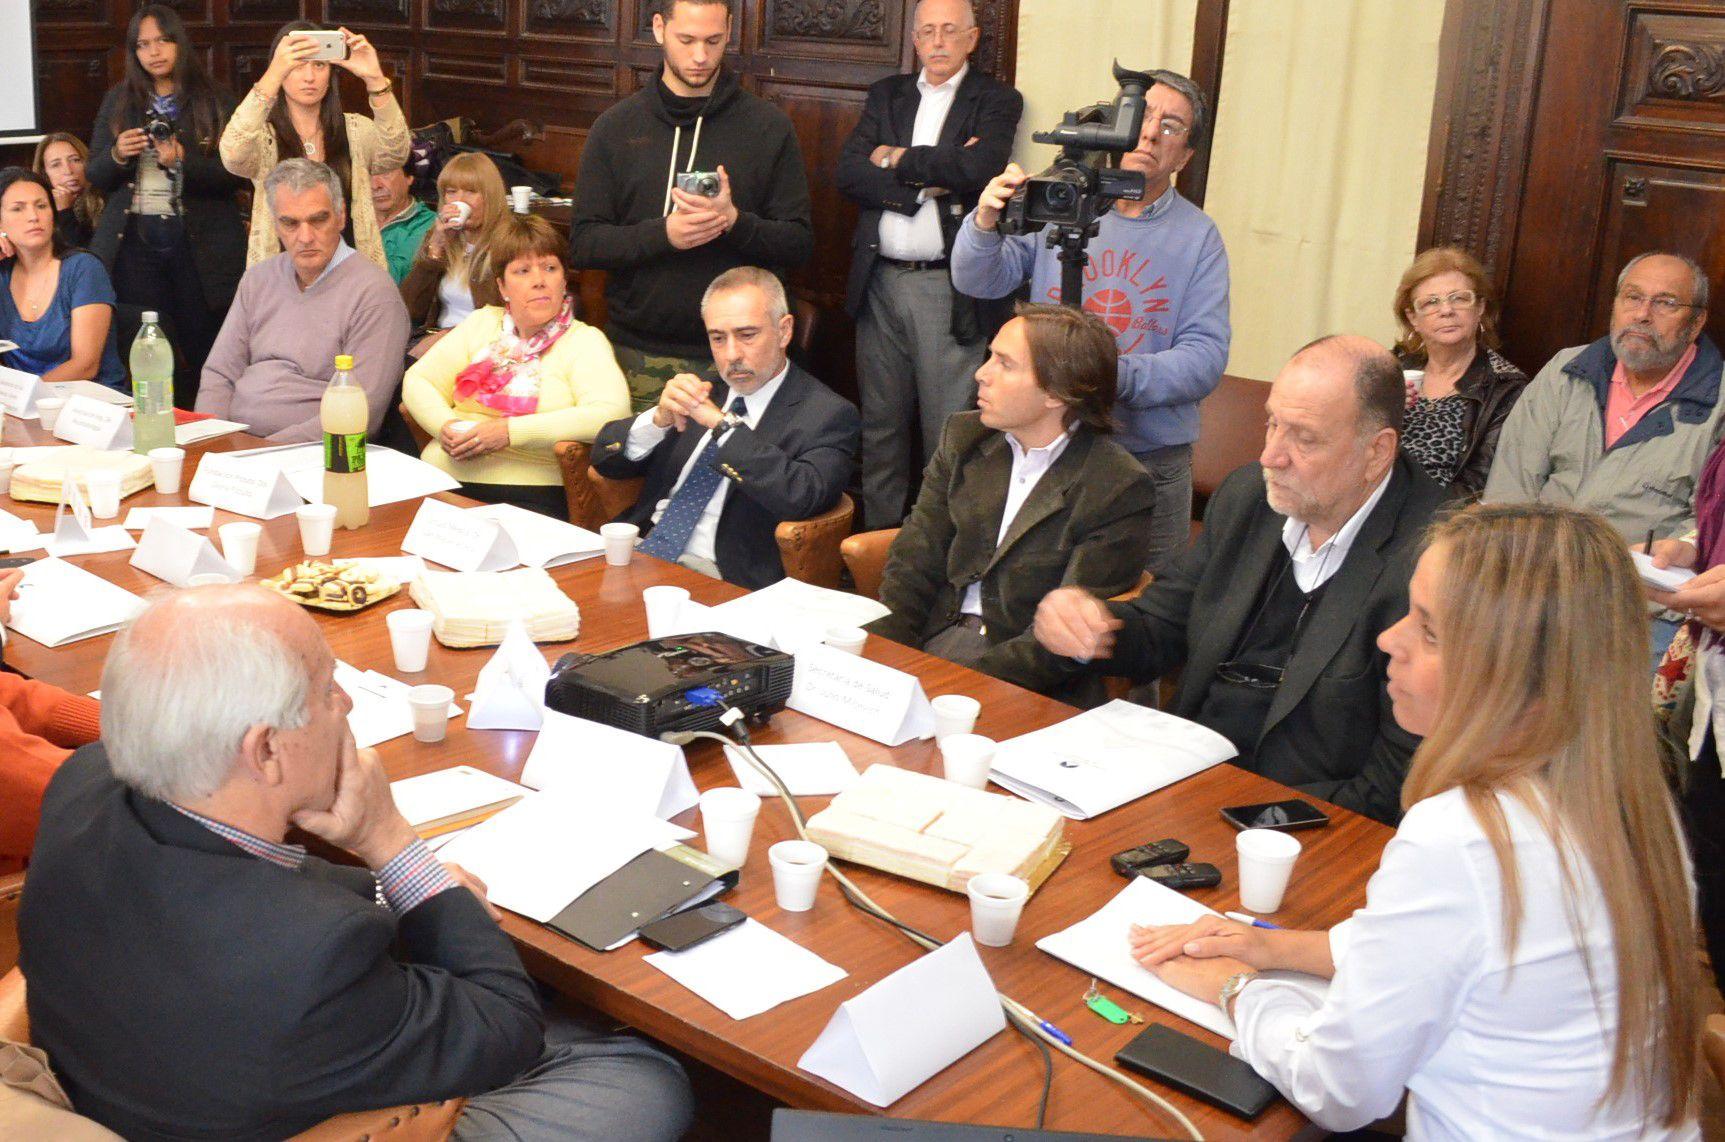 Cónclave. La concejala Daniela León impulsó la reunión en el Concejo.